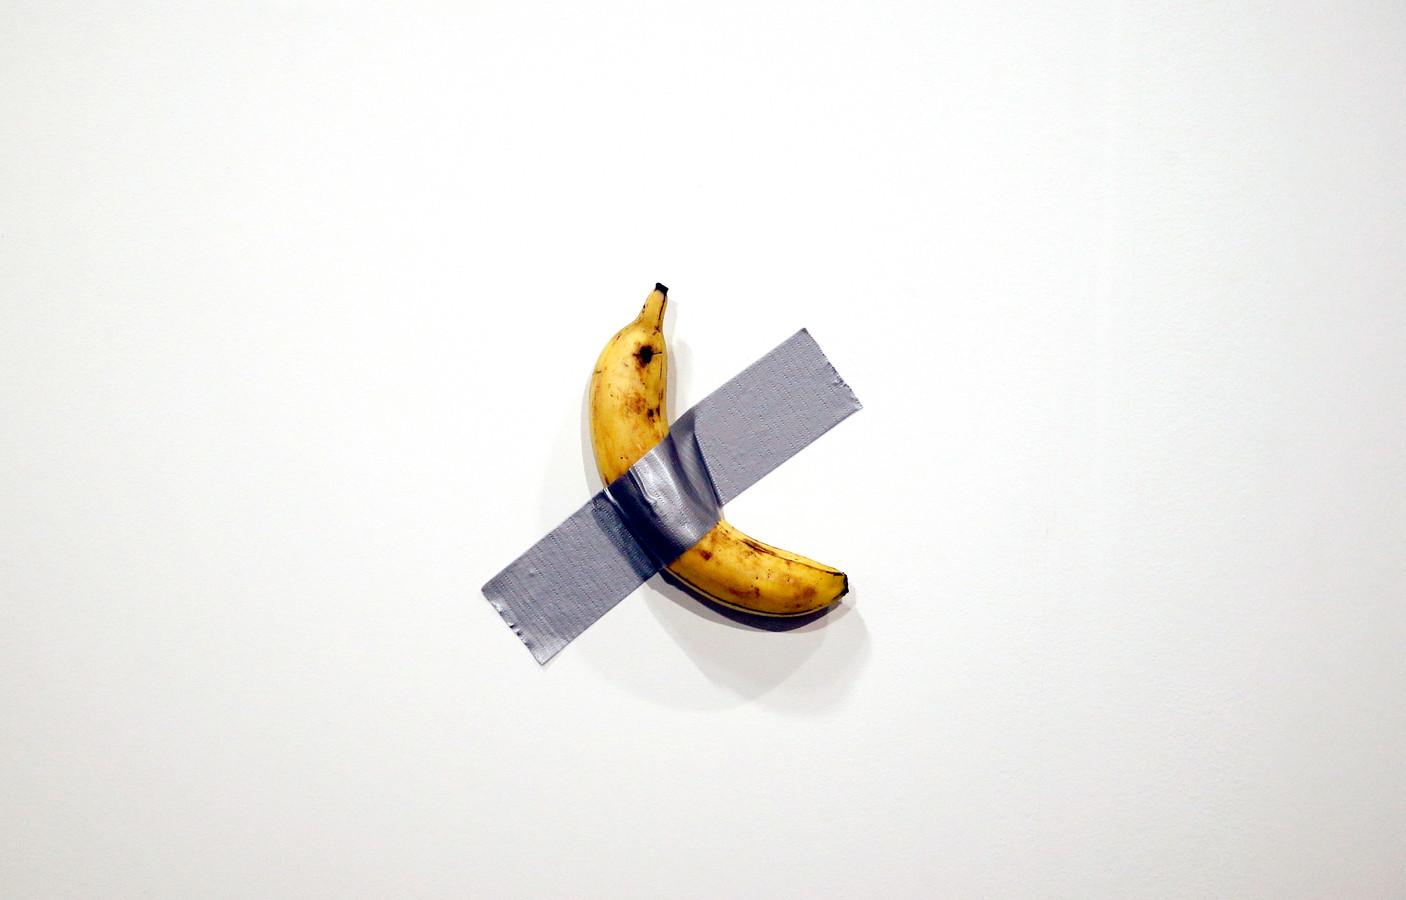 Het kunstwerk 'Comedian' van de Italiaanse artiest Maurizio Cattelan.